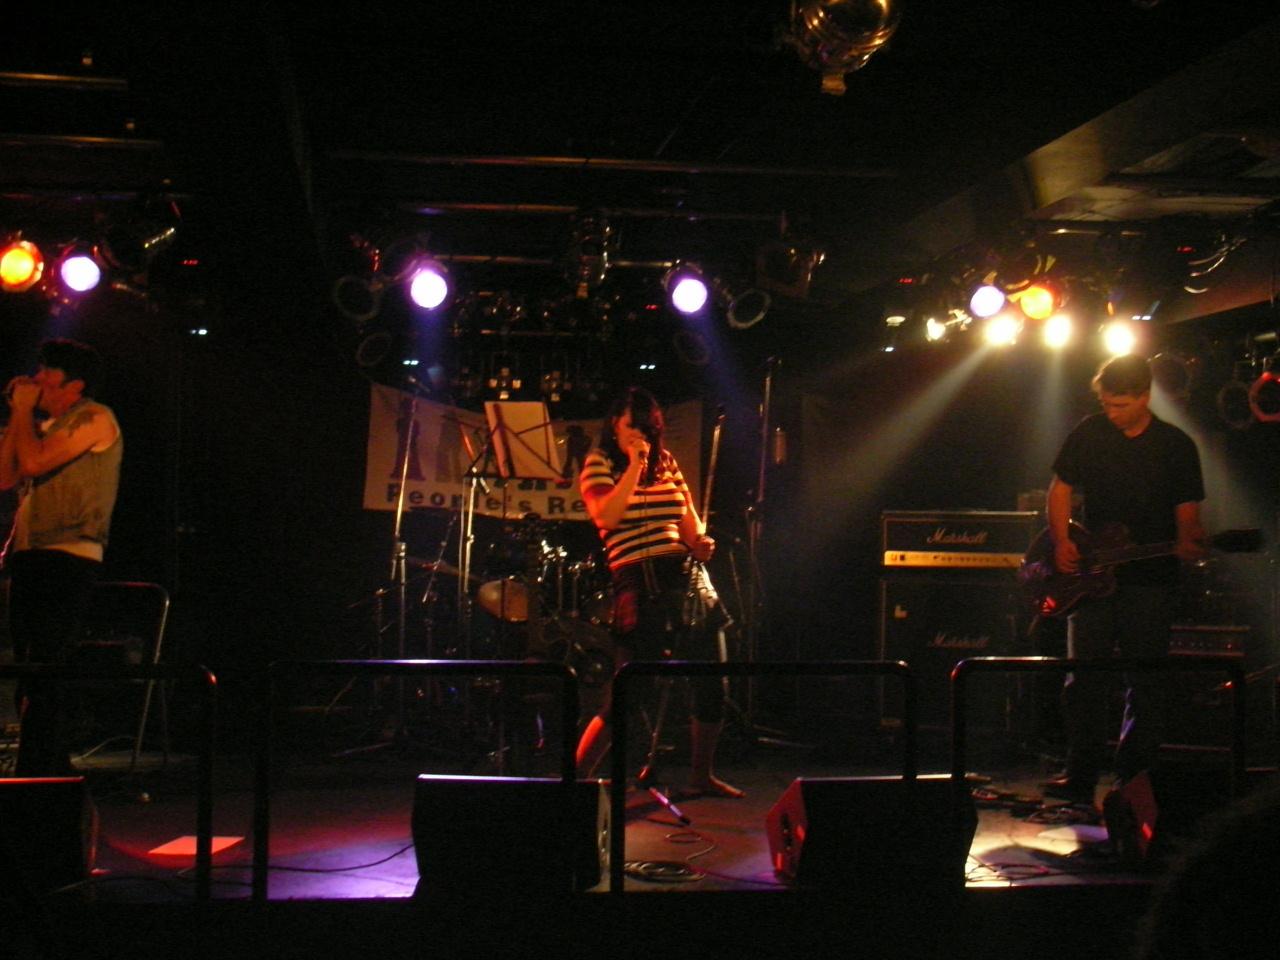 RIMG0019a.jpg